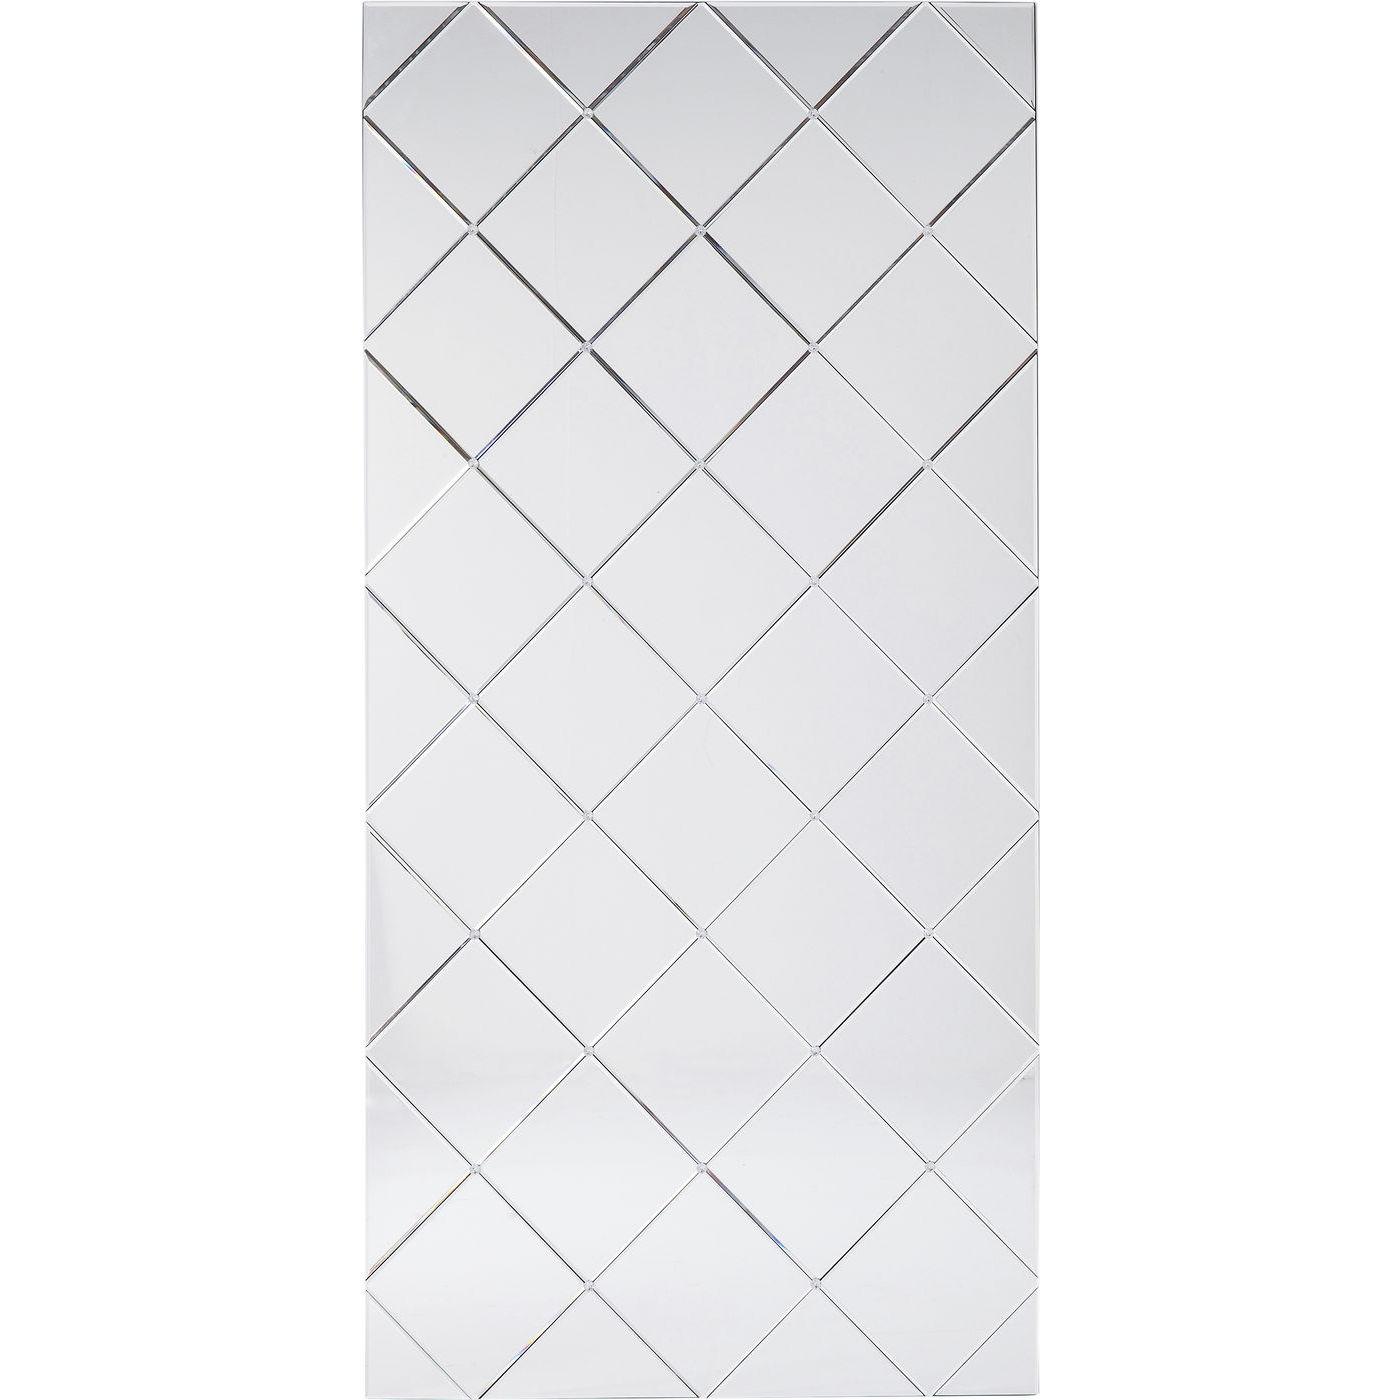 kare design – Kare design tile spejl - spejlglas, rektangulær (200x100) på boboonline.dk